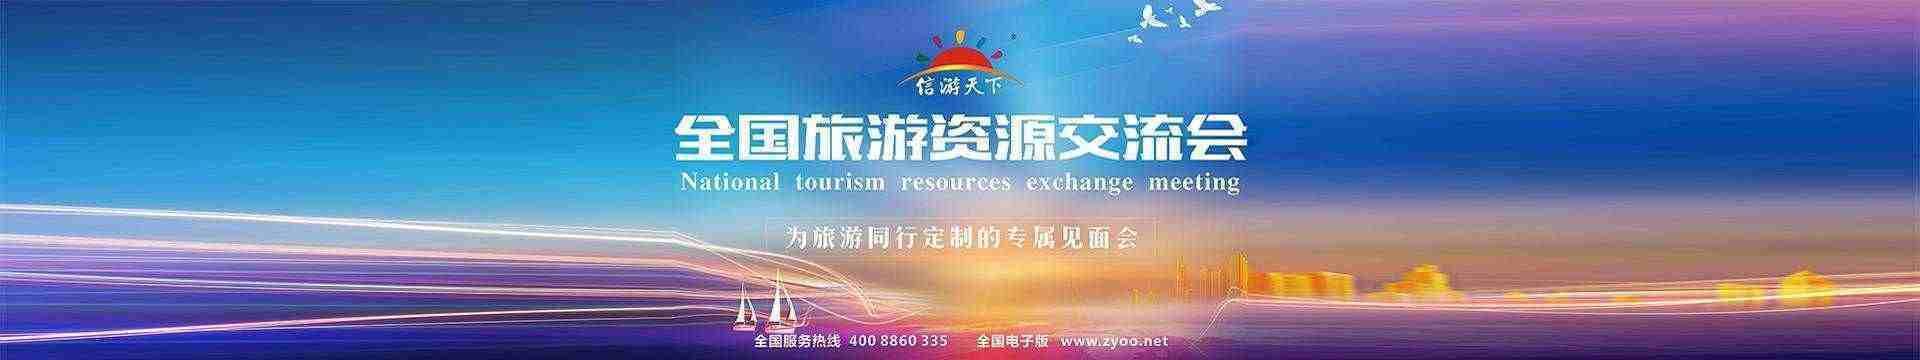 04月11日上海